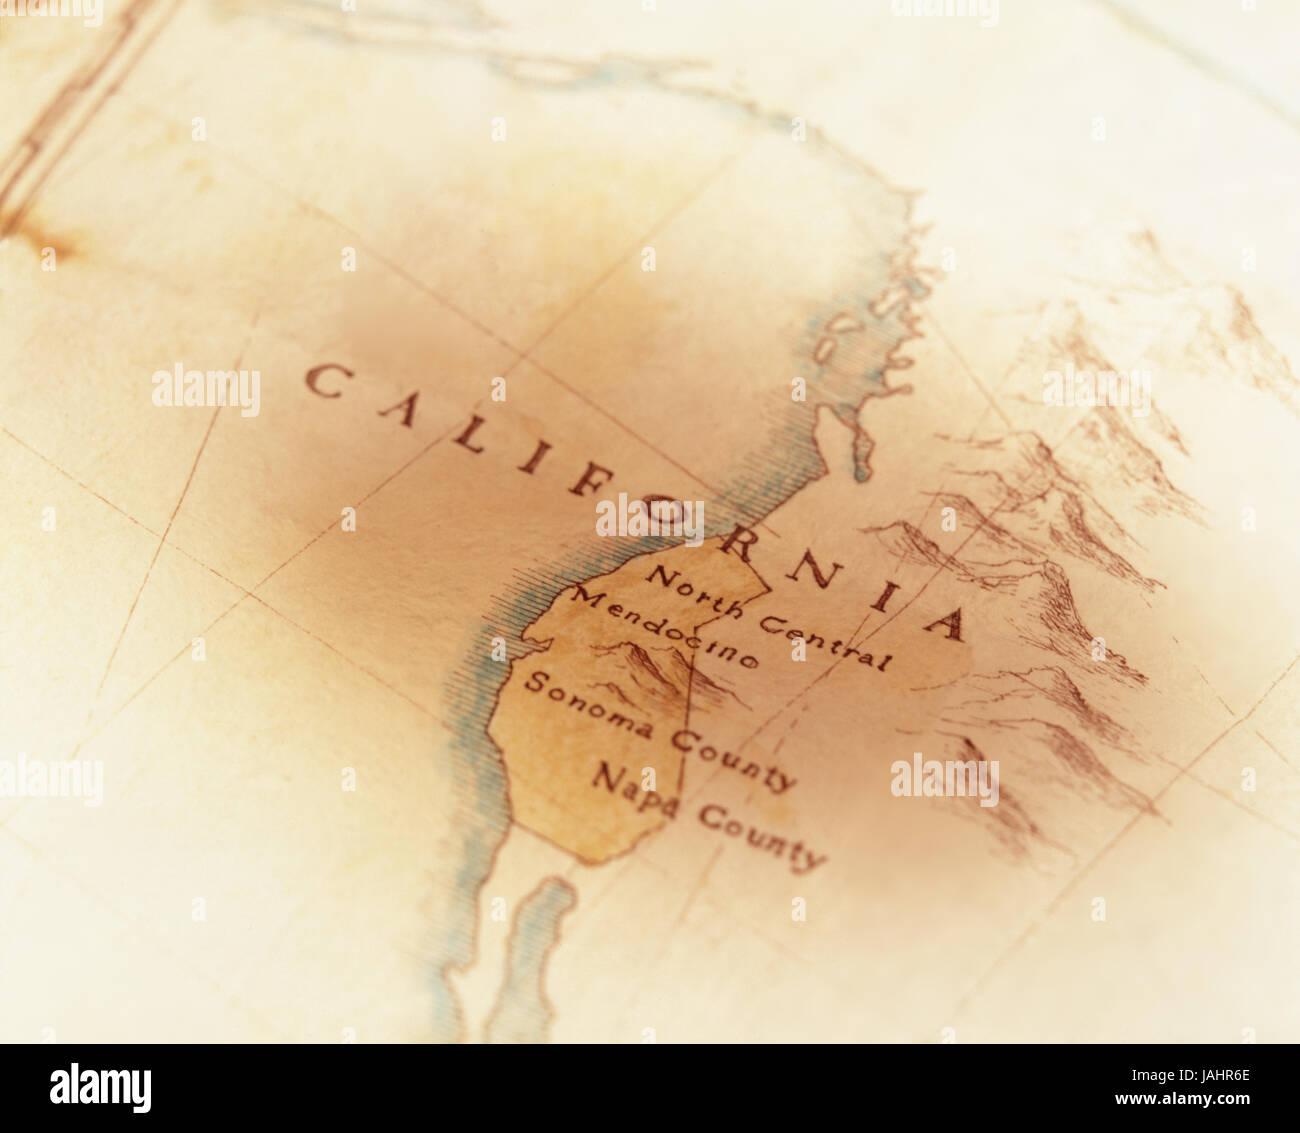 Disegnata a mano Mappa della California con le regioni del vino Immagini Stock